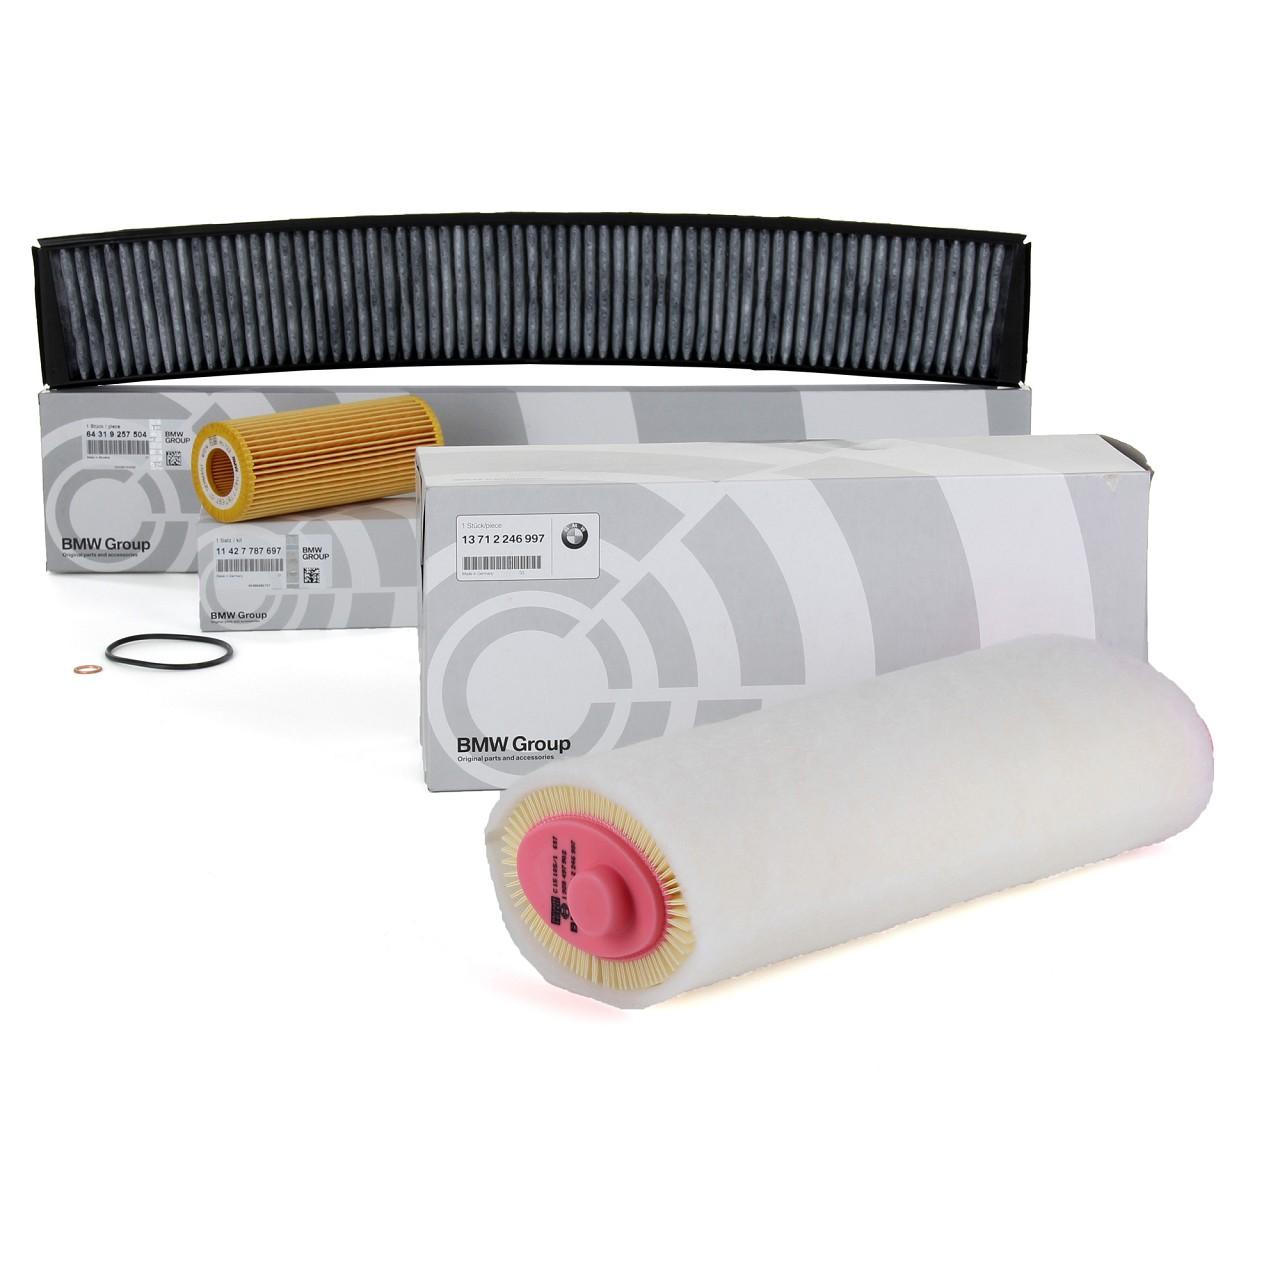 ORIGINAL BMW Inspektionskit Filterpaket 3er E46 318d 115/116 PS 320d 150 PS